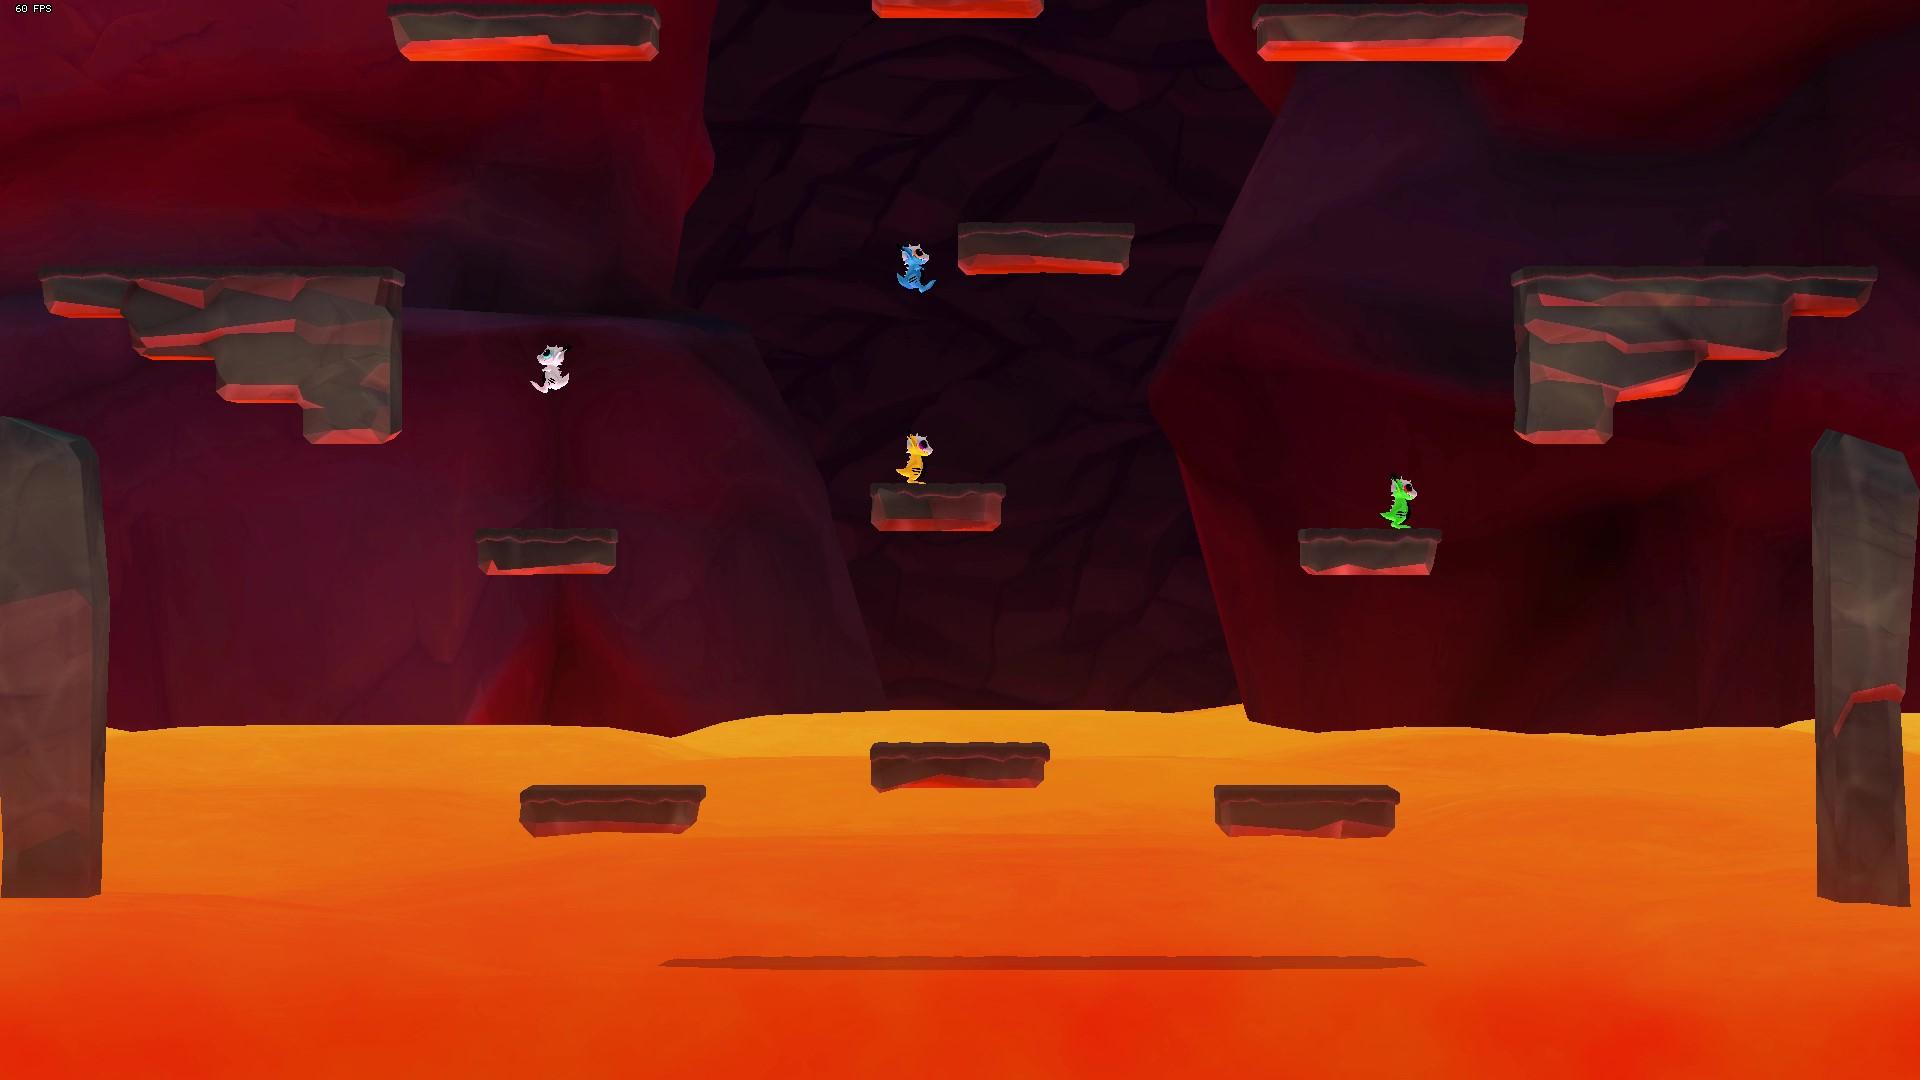 Dino_Jump_during_game.jpg